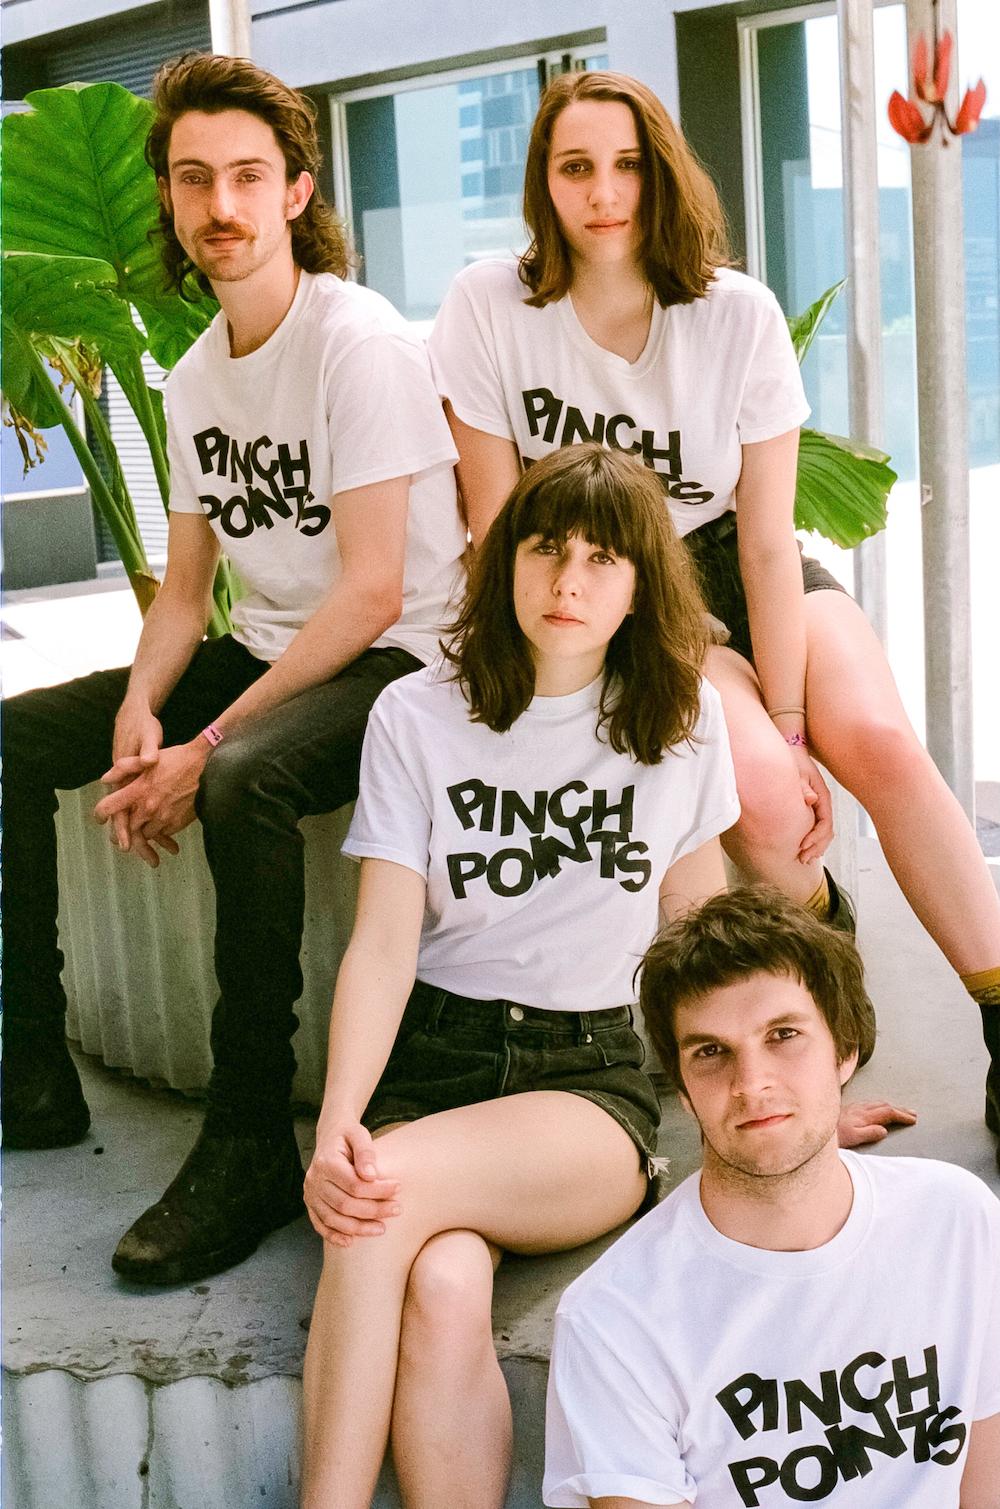 PINCH POINTS BIGSOUND-11.jpg